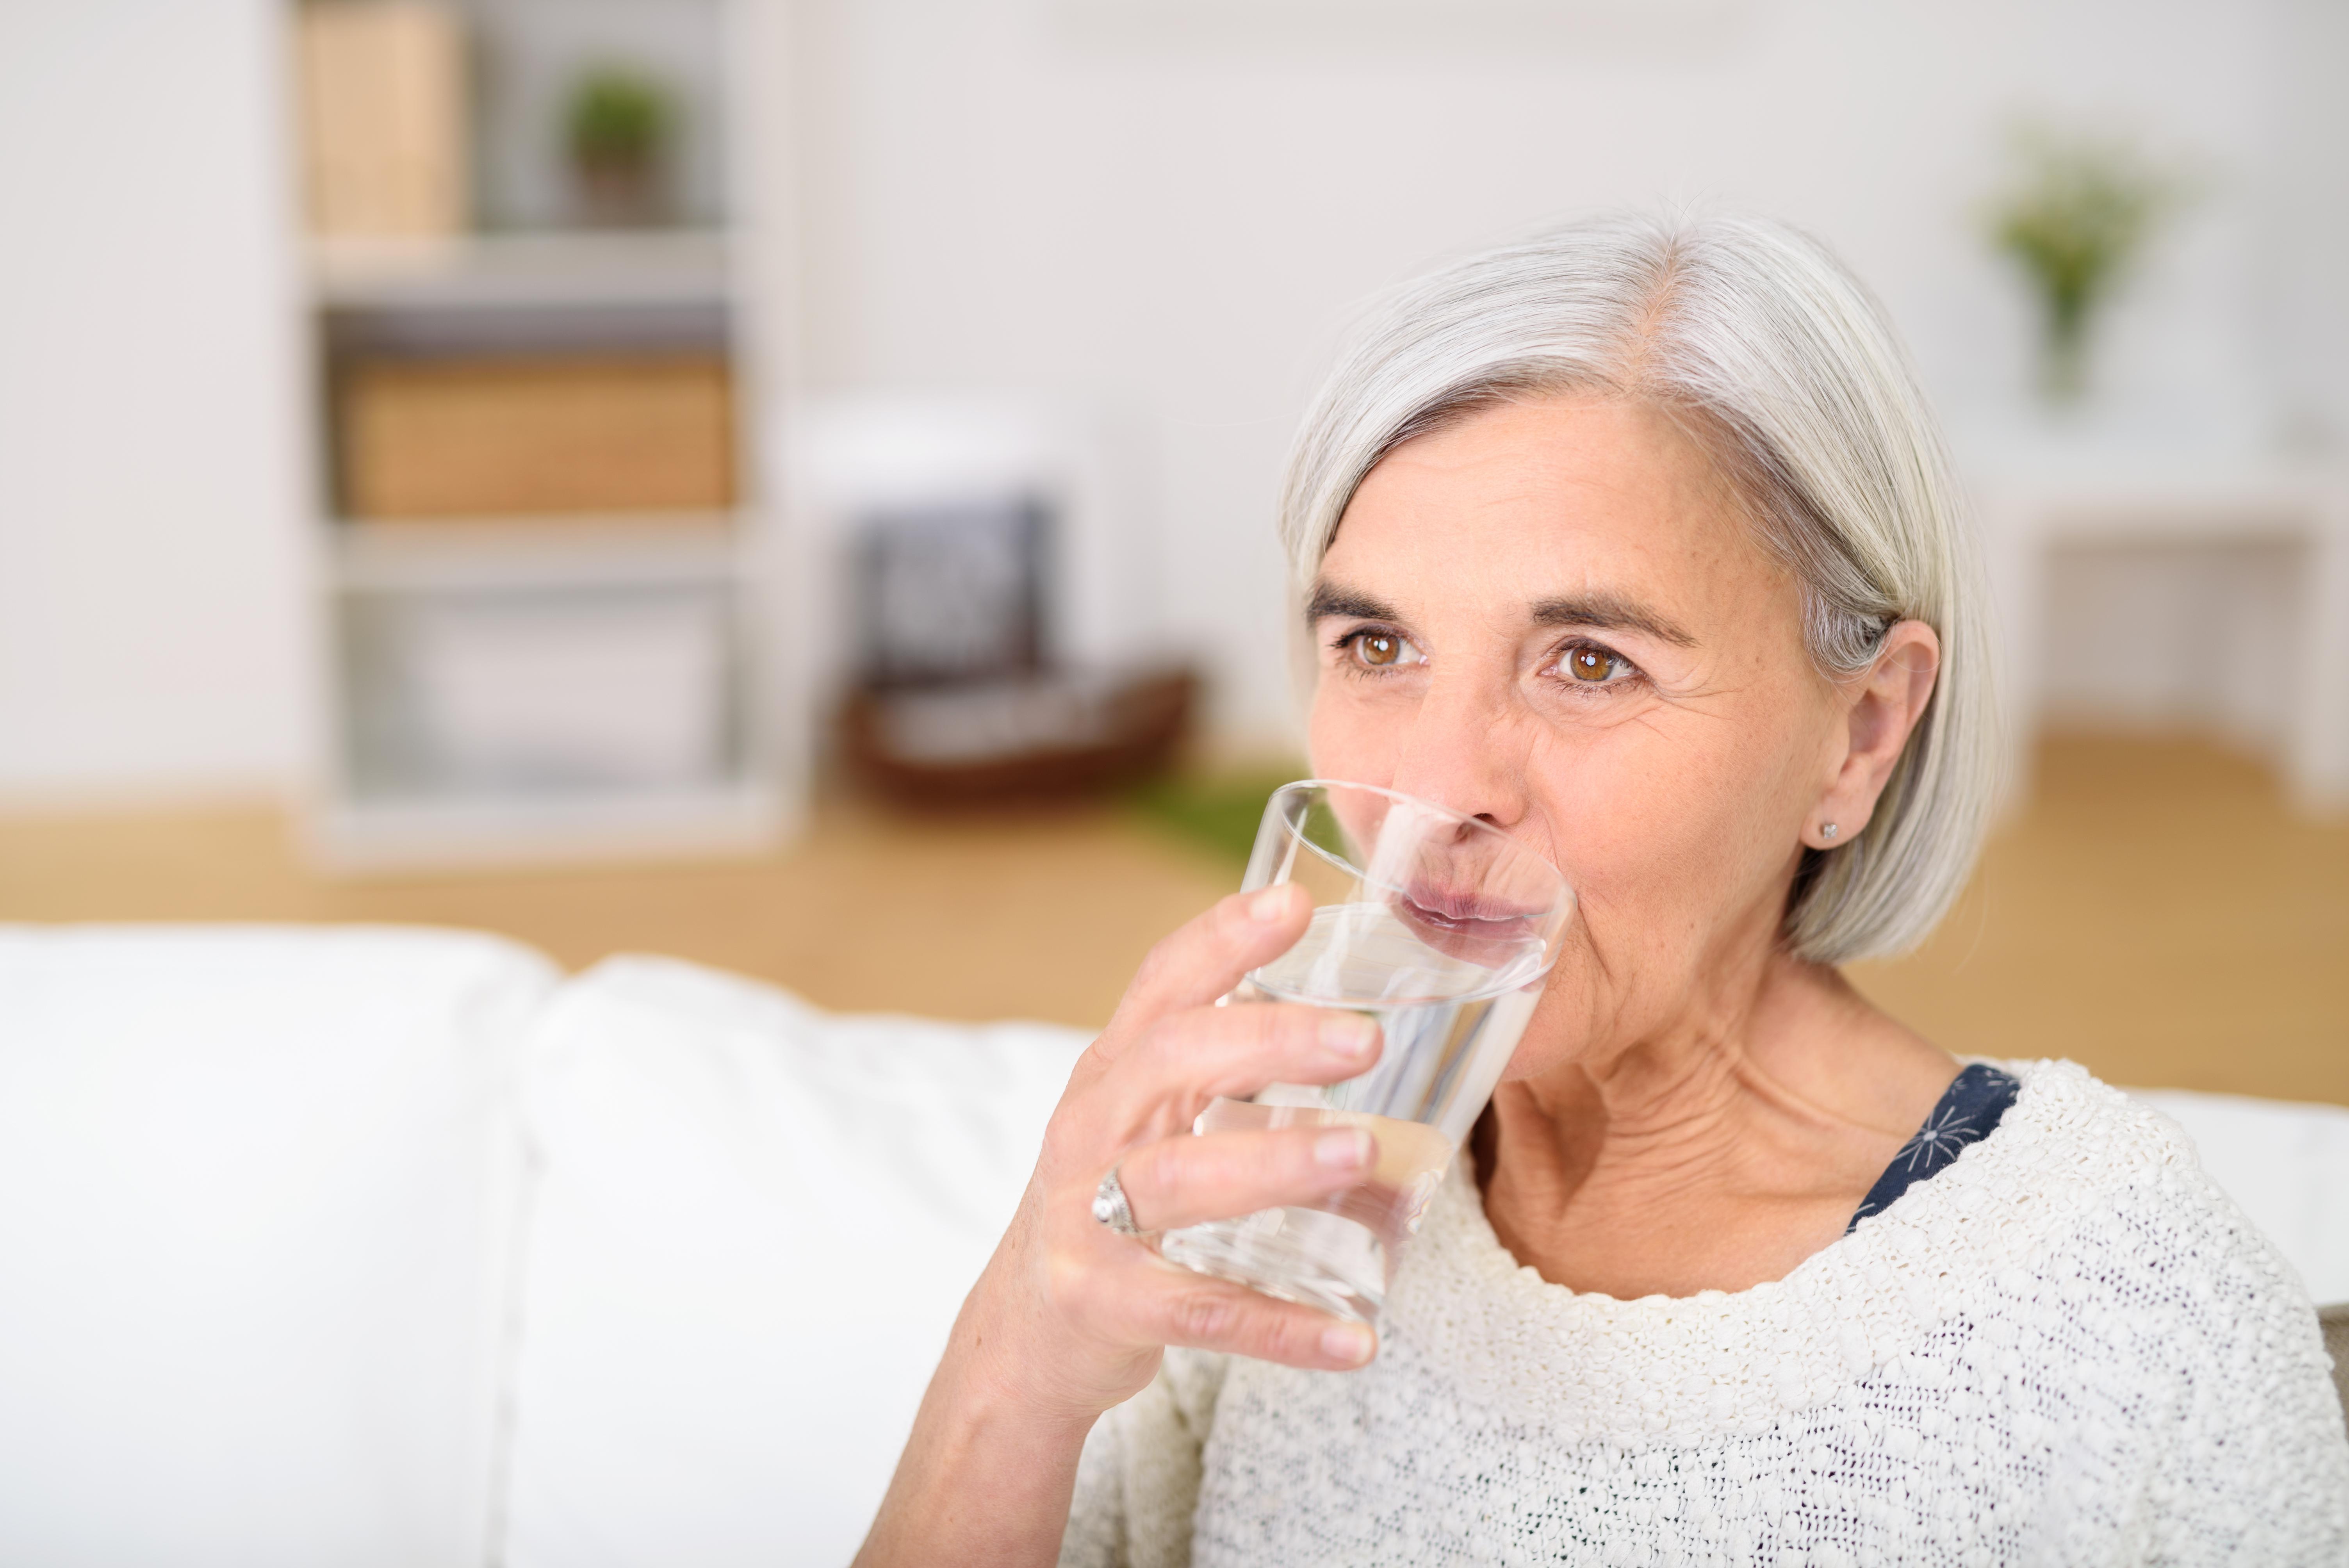 Importanza dell'idratazione negli anziani